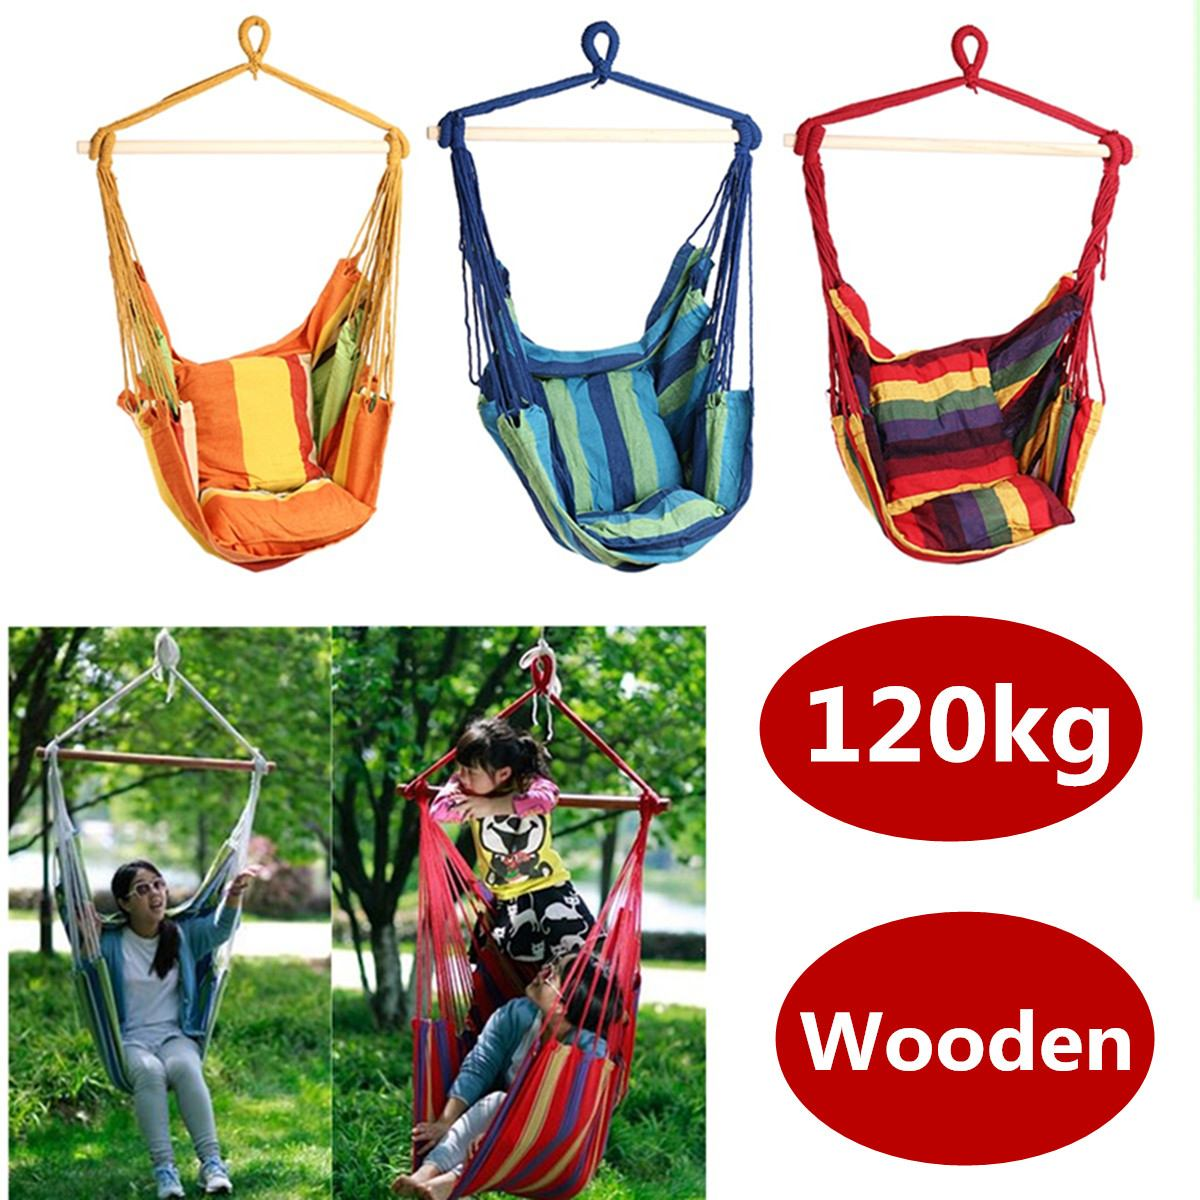 Toile d'extérieur Chaise Hamac Balançoire Suspendue chaise hamac Meubles De Jardin Chaise Relax Souple Intérieur Jardin Camping Swing